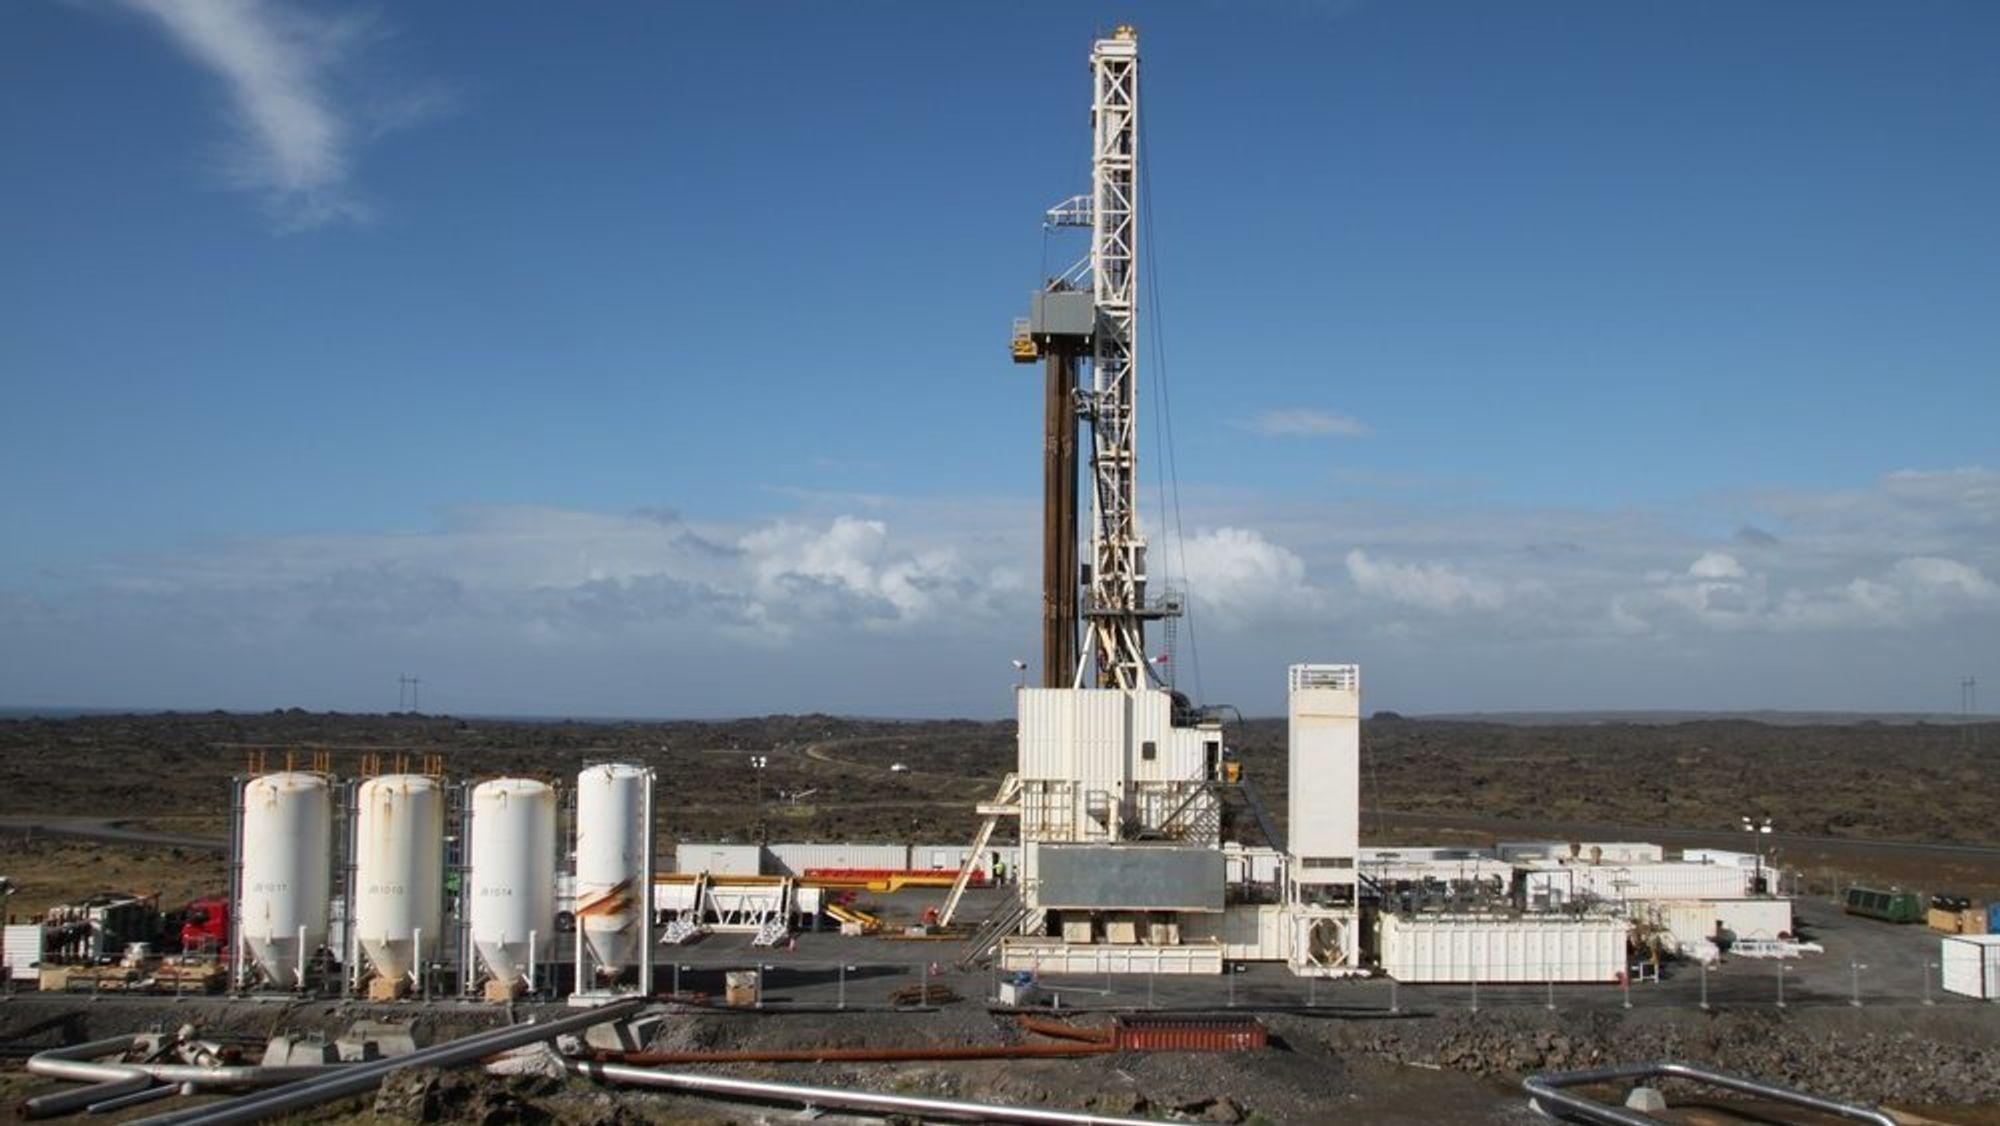 Equinor er blant selskapene som har begynt å se på geotermisk energi, hvor man utnytter varme fra jordas indre. Her fra da selskapet sammen med islandske partnere boret seg 5000 meter ned i bakken ved hjelp av Islands største borerigg Thor.